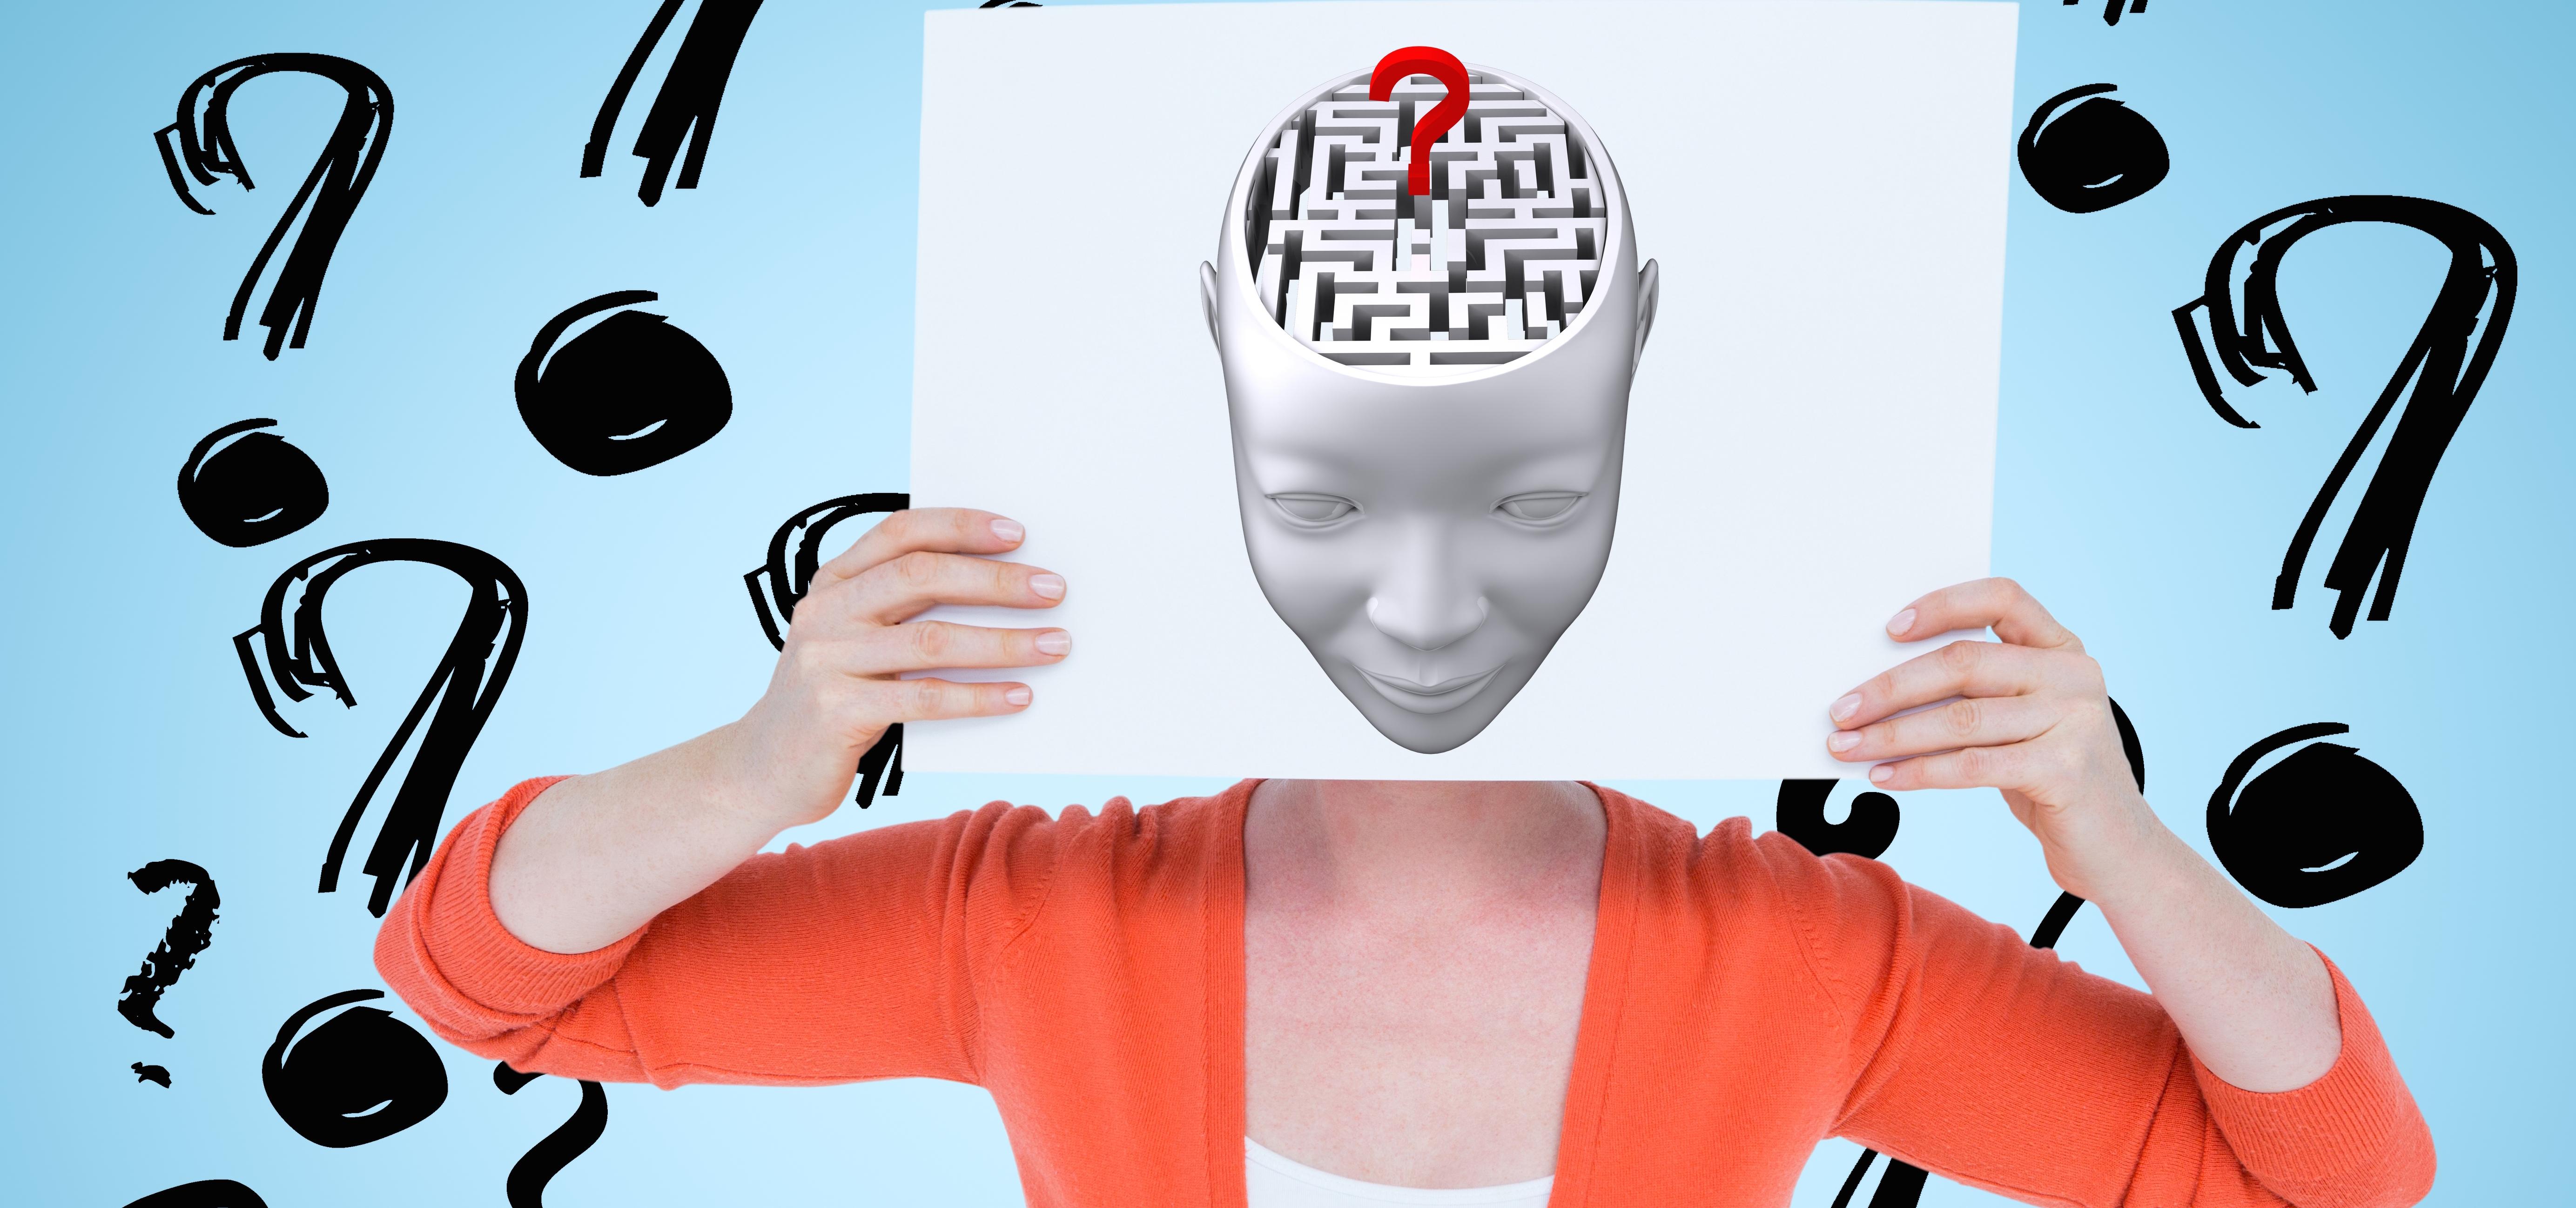 imagem-post-valorizar-o-potencial-humano-de-transformar-a-realidade-e-o-desafio-dos-projetos-educacionais